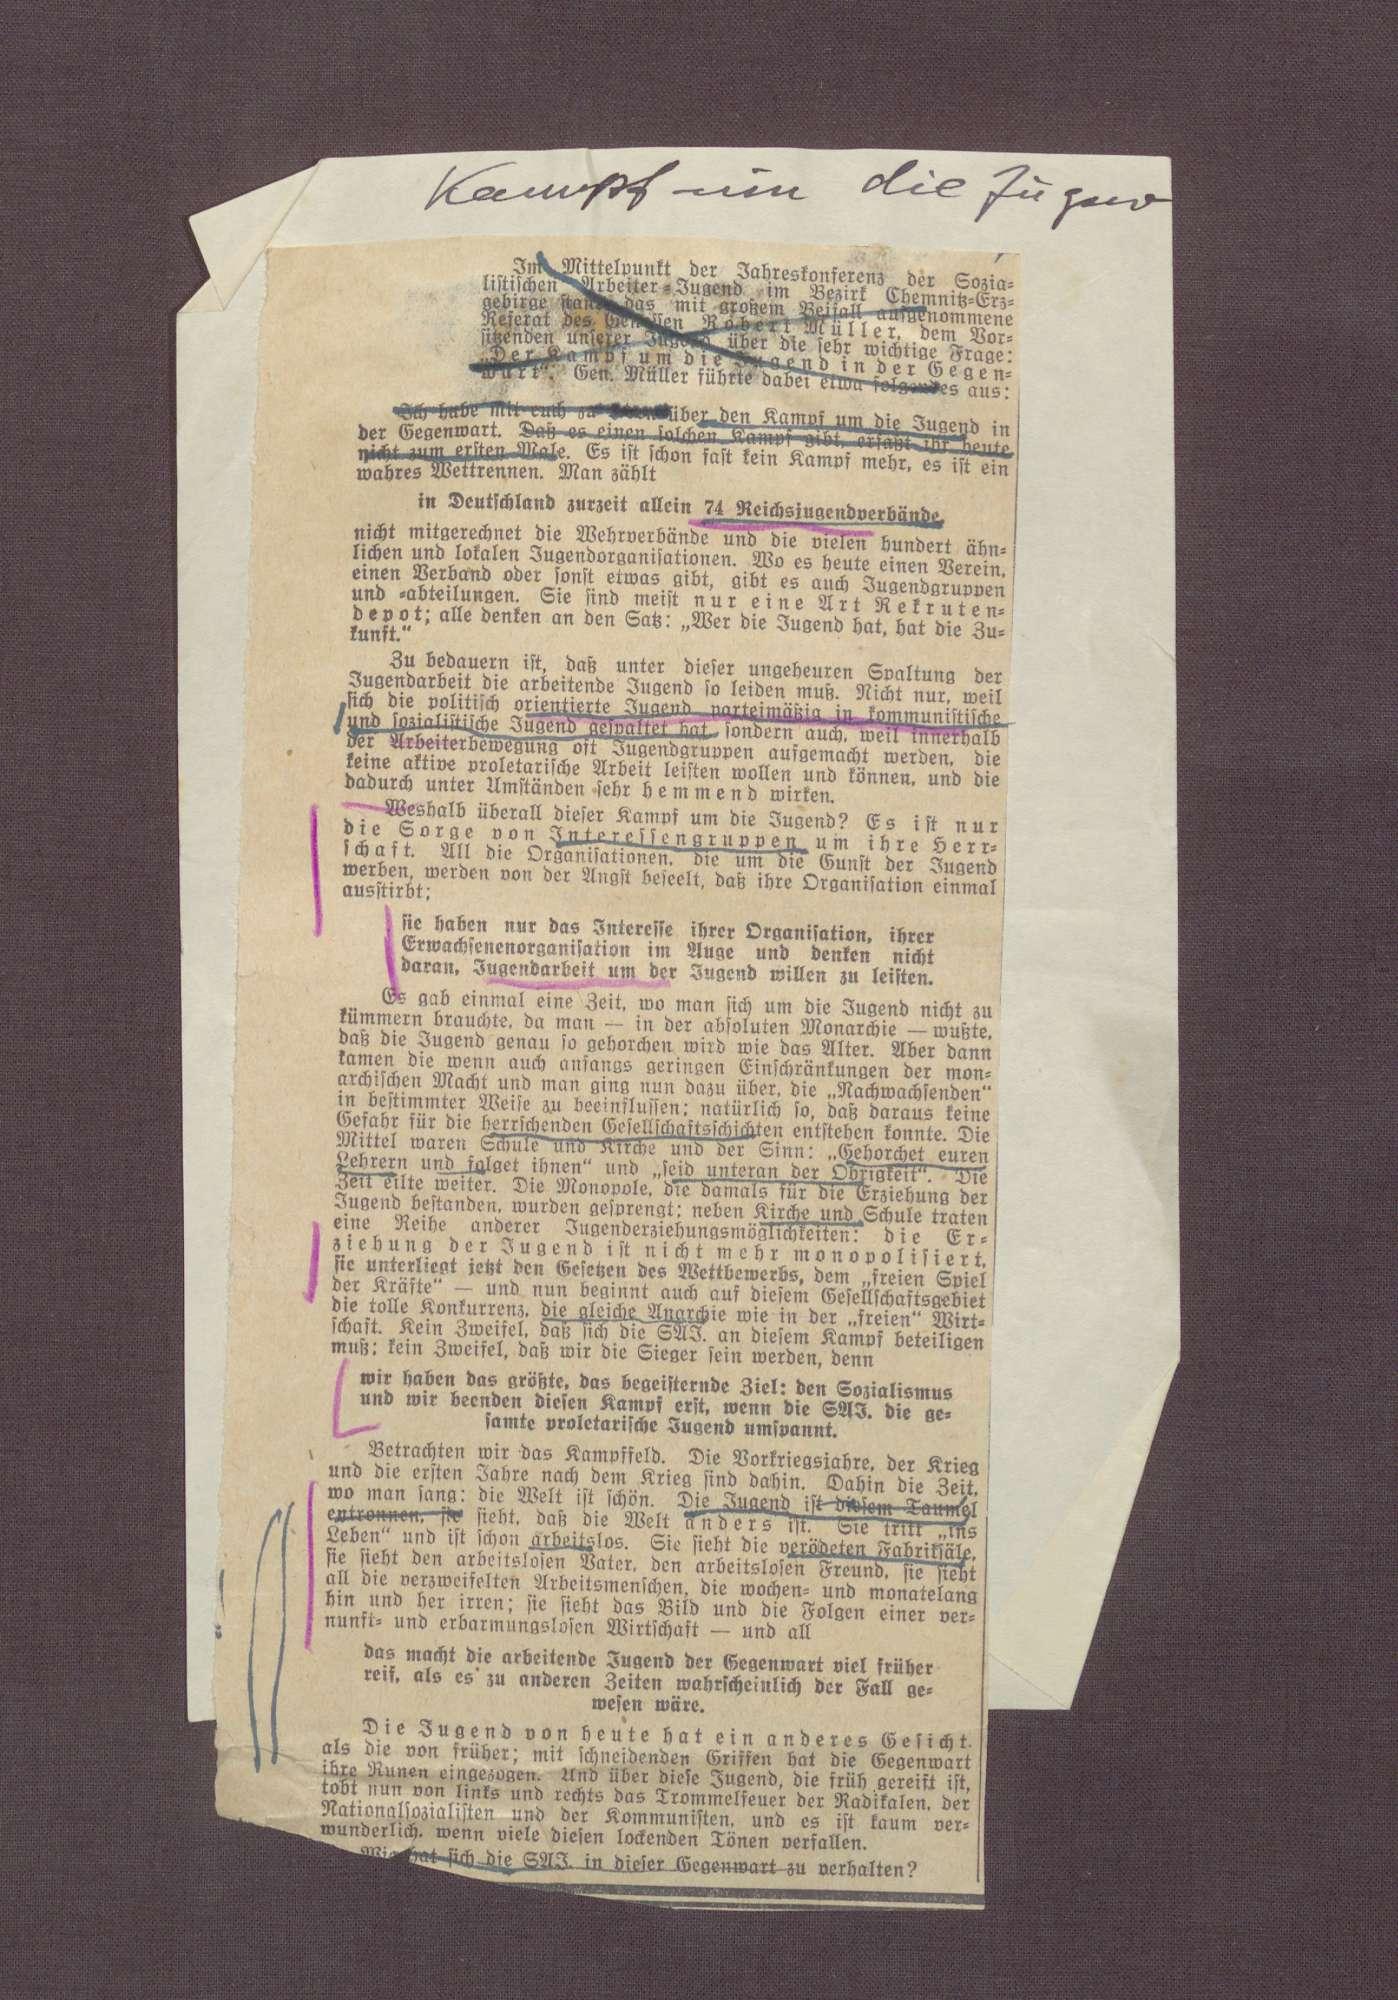 """Zeitungsausschnitt aus einer unbekannten Zeitung mit der Notiz """"Kampf um die Jugend"""", Bild 1"""